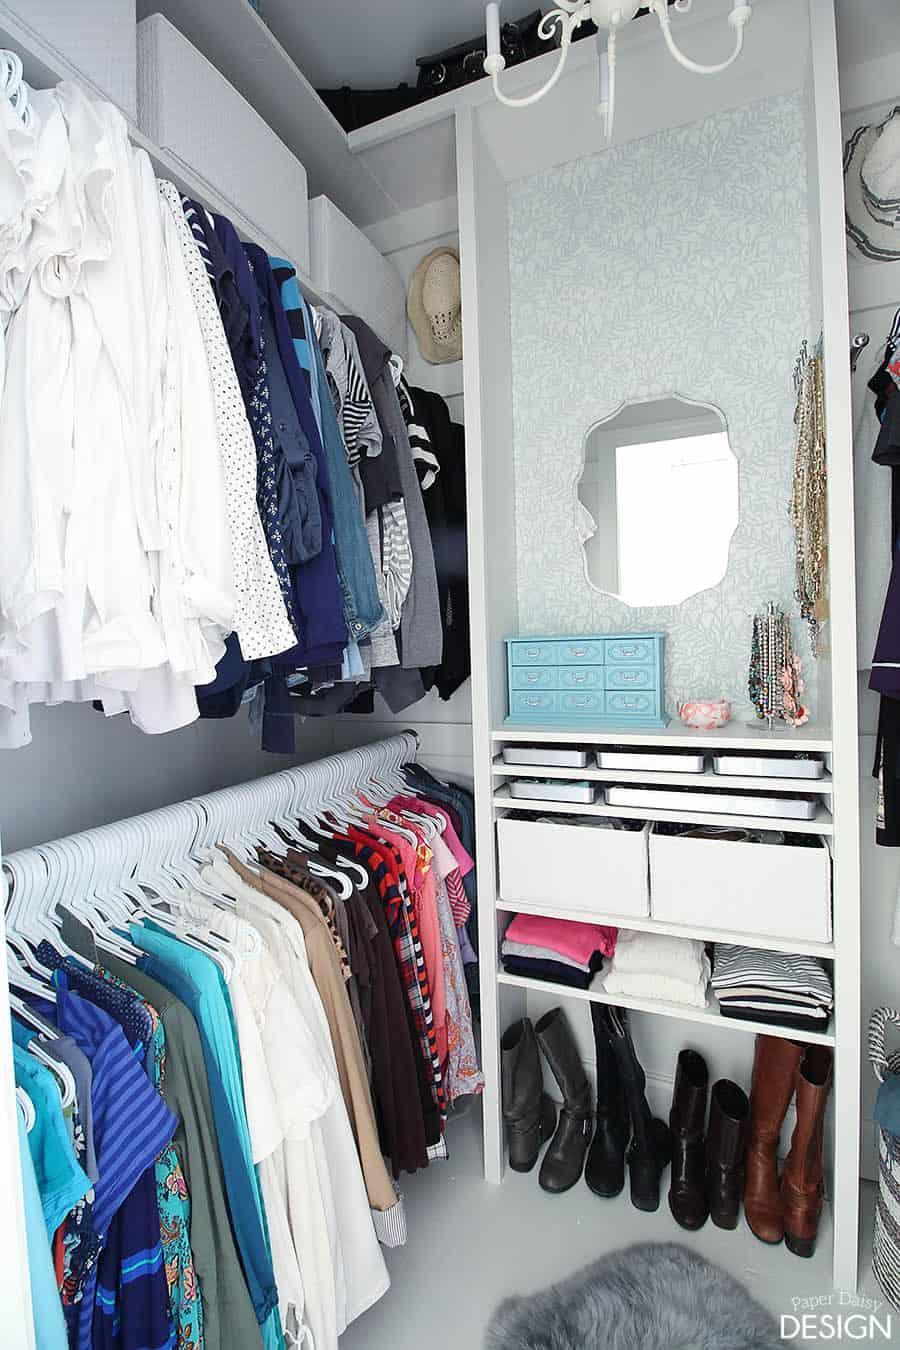 Custom Closet Diy How To And Plans For Dressing Room Closet